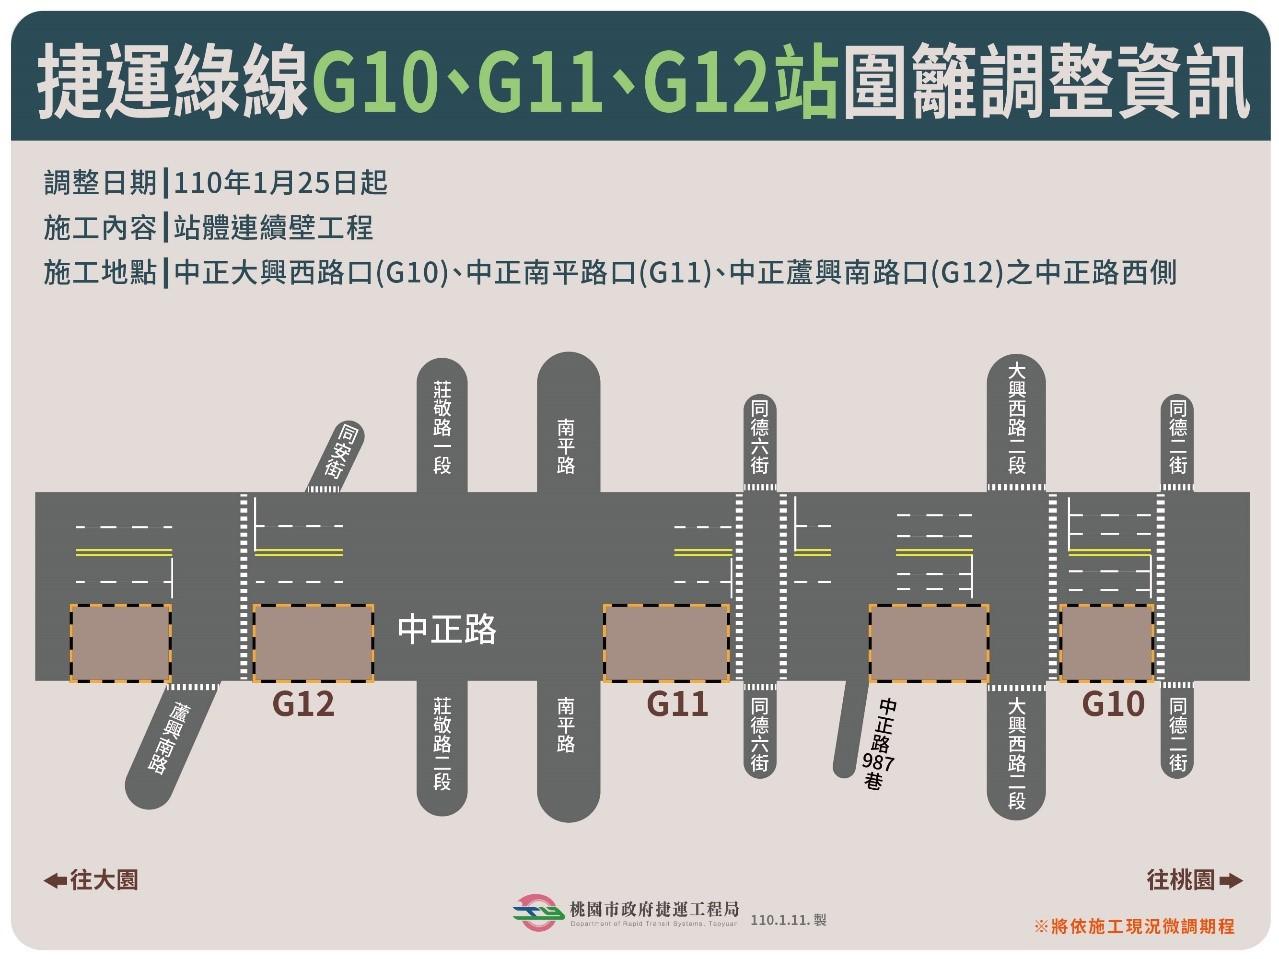 捷運綠線G10、G11、G12站圍籬調整資訊